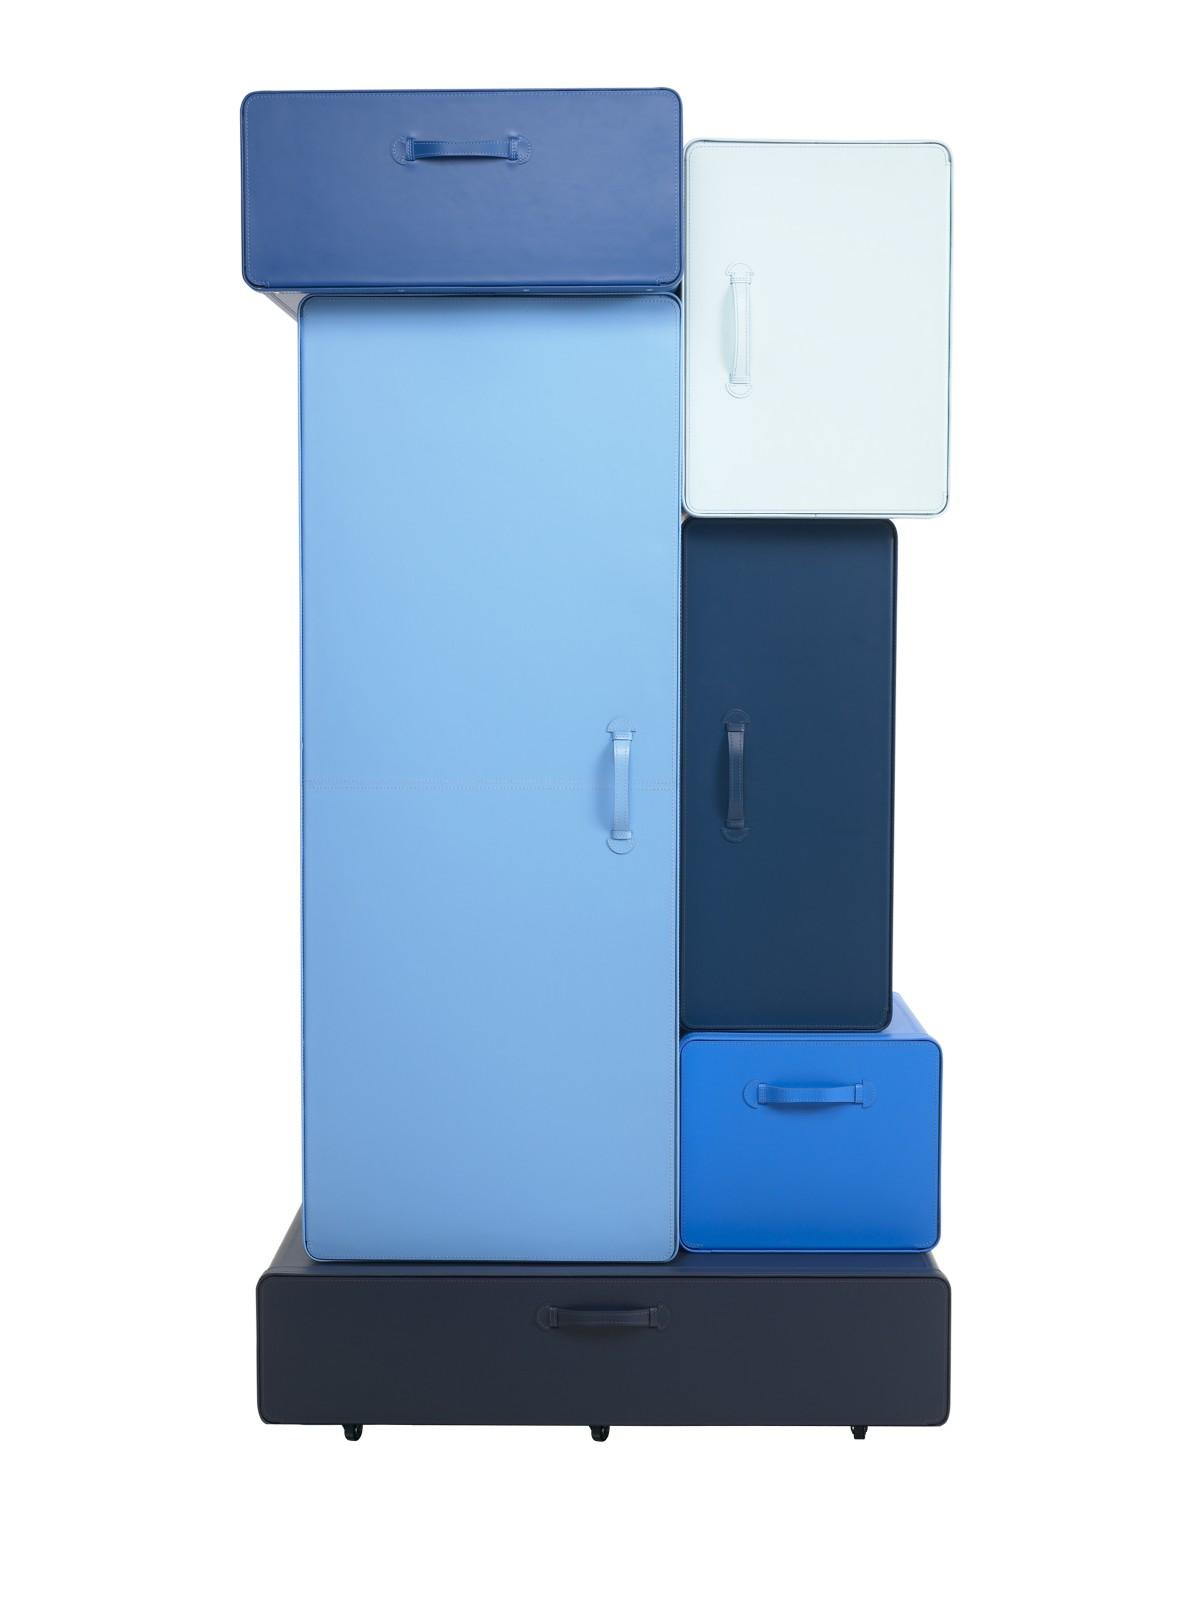 Valises Wardrobe nuances of blue